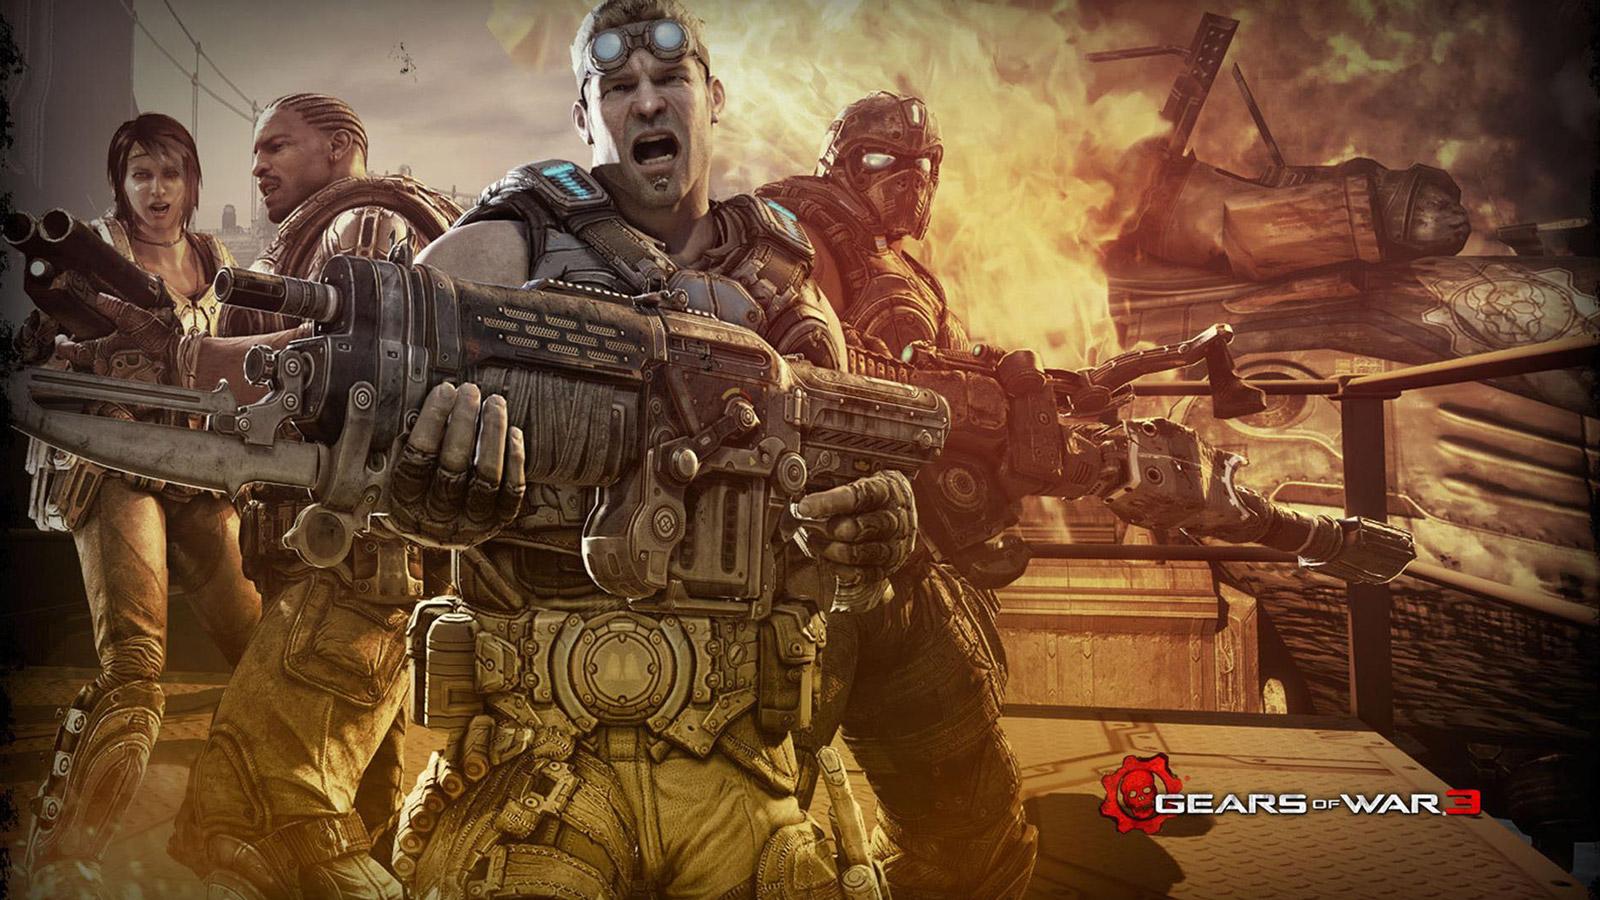 Gears of War 3 Wallpaper in 1600x900